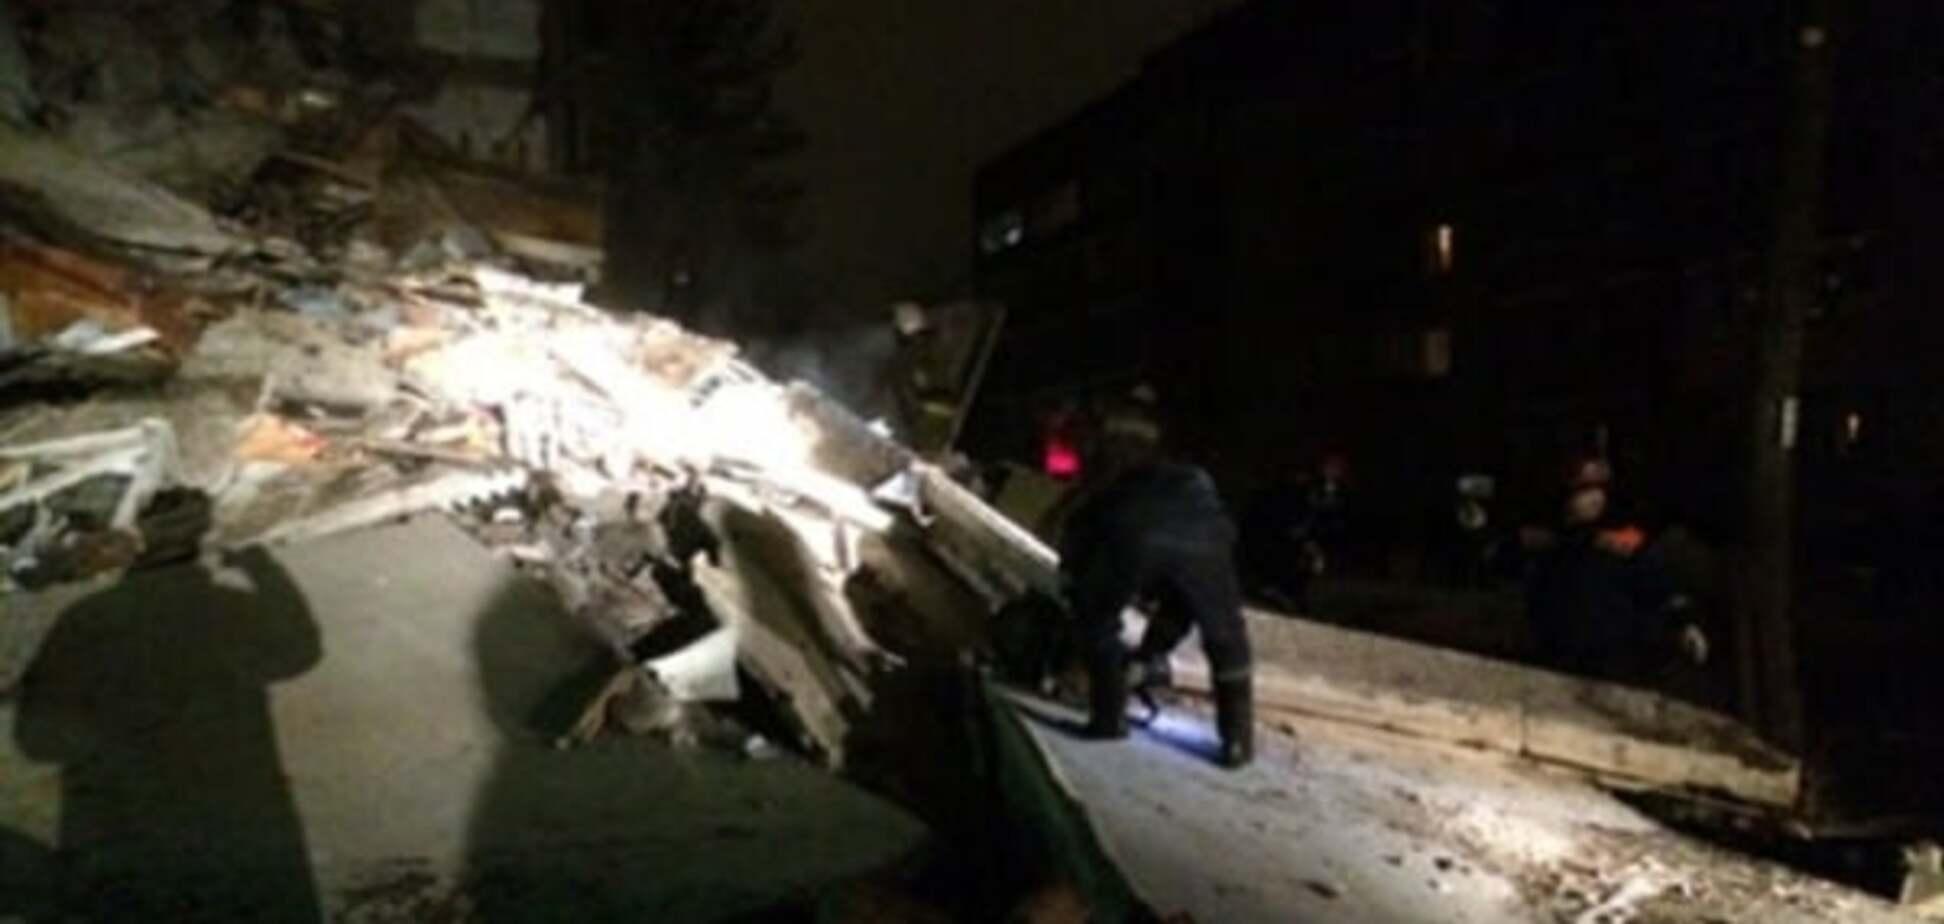 У Росії через вибух у багатоповерховому будинку загинули 7 осіб: опубліковані фото